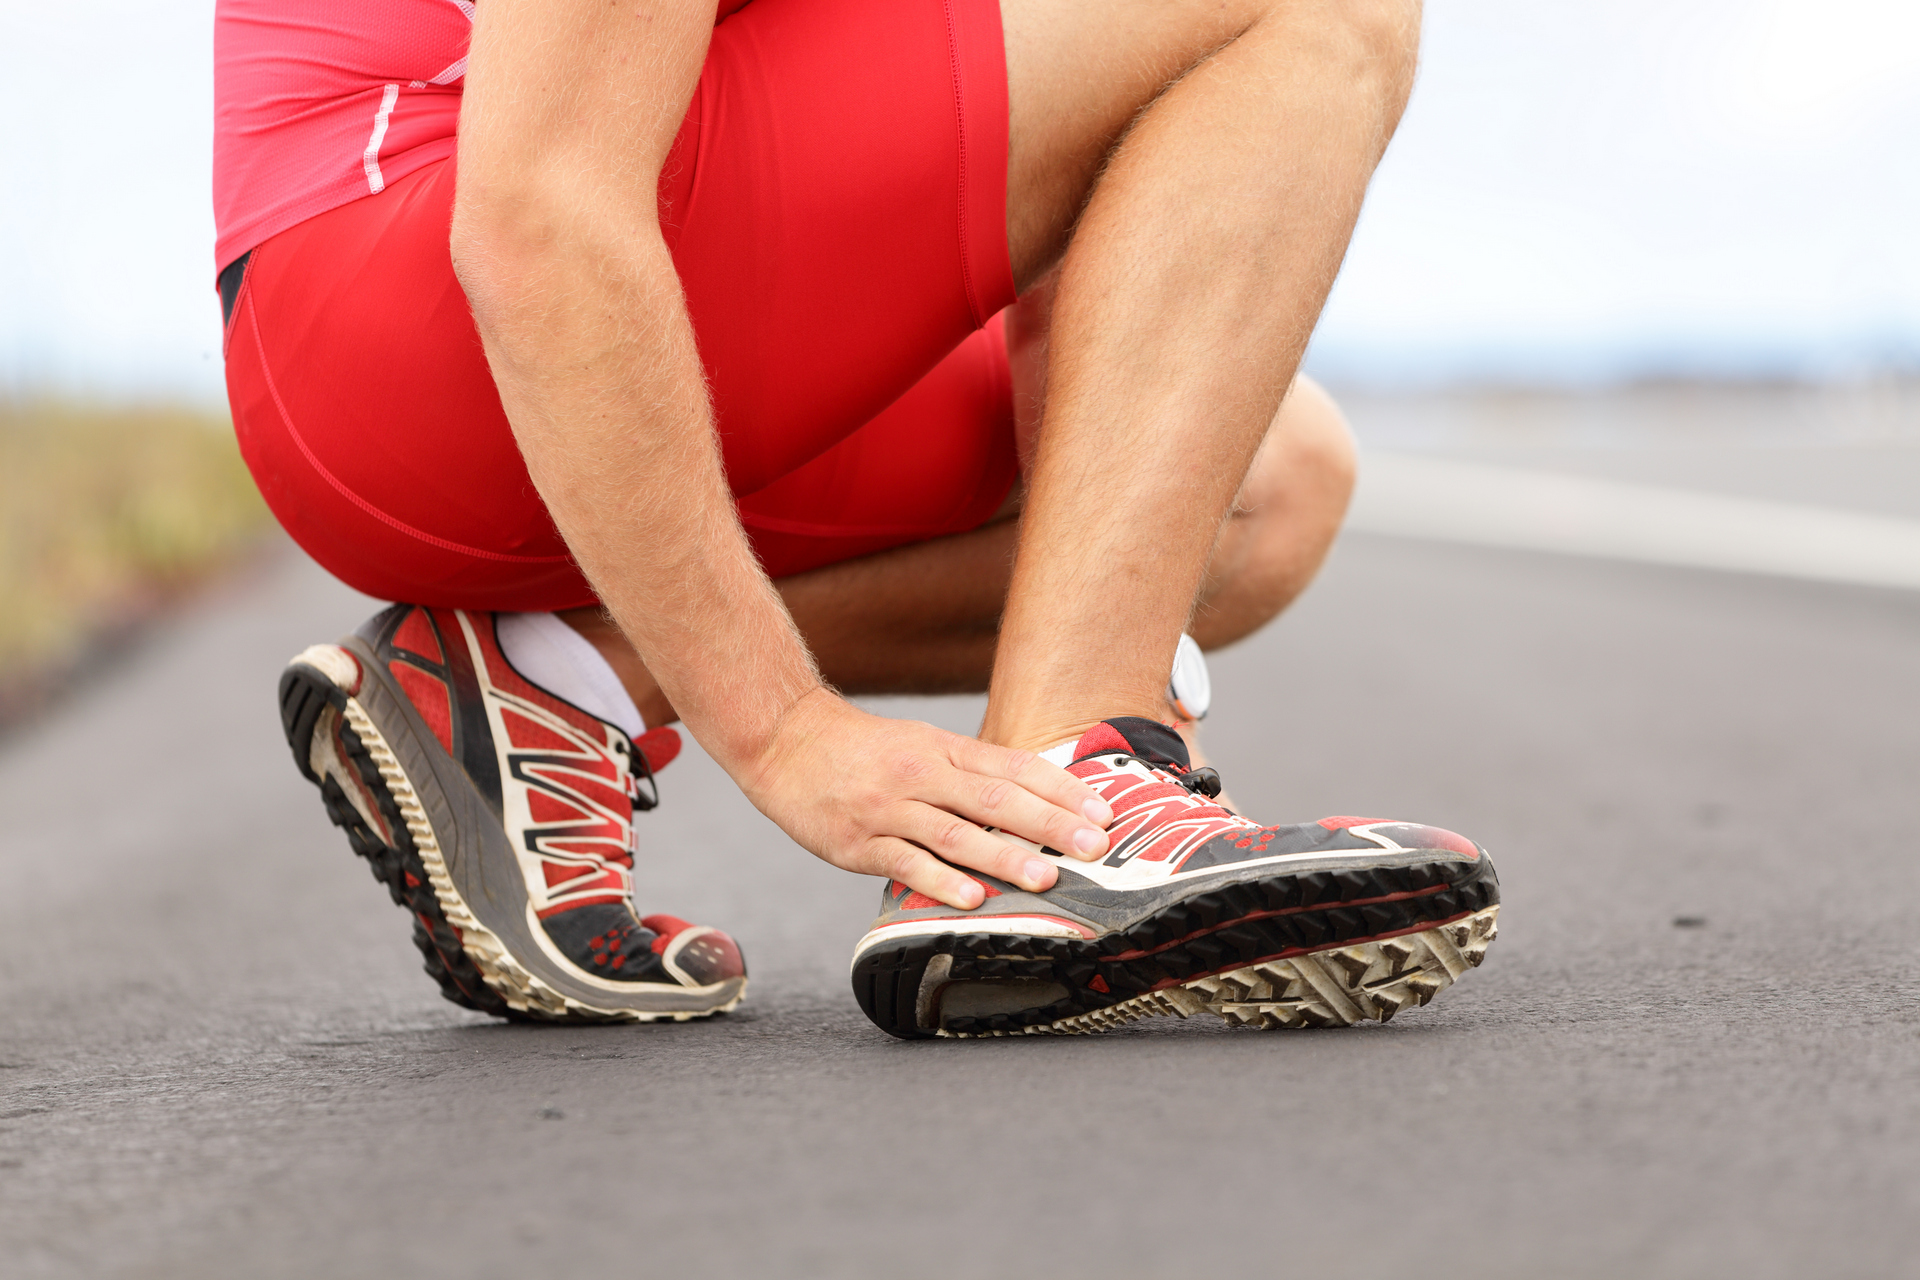 Укрепление голеностопа. Упражнения